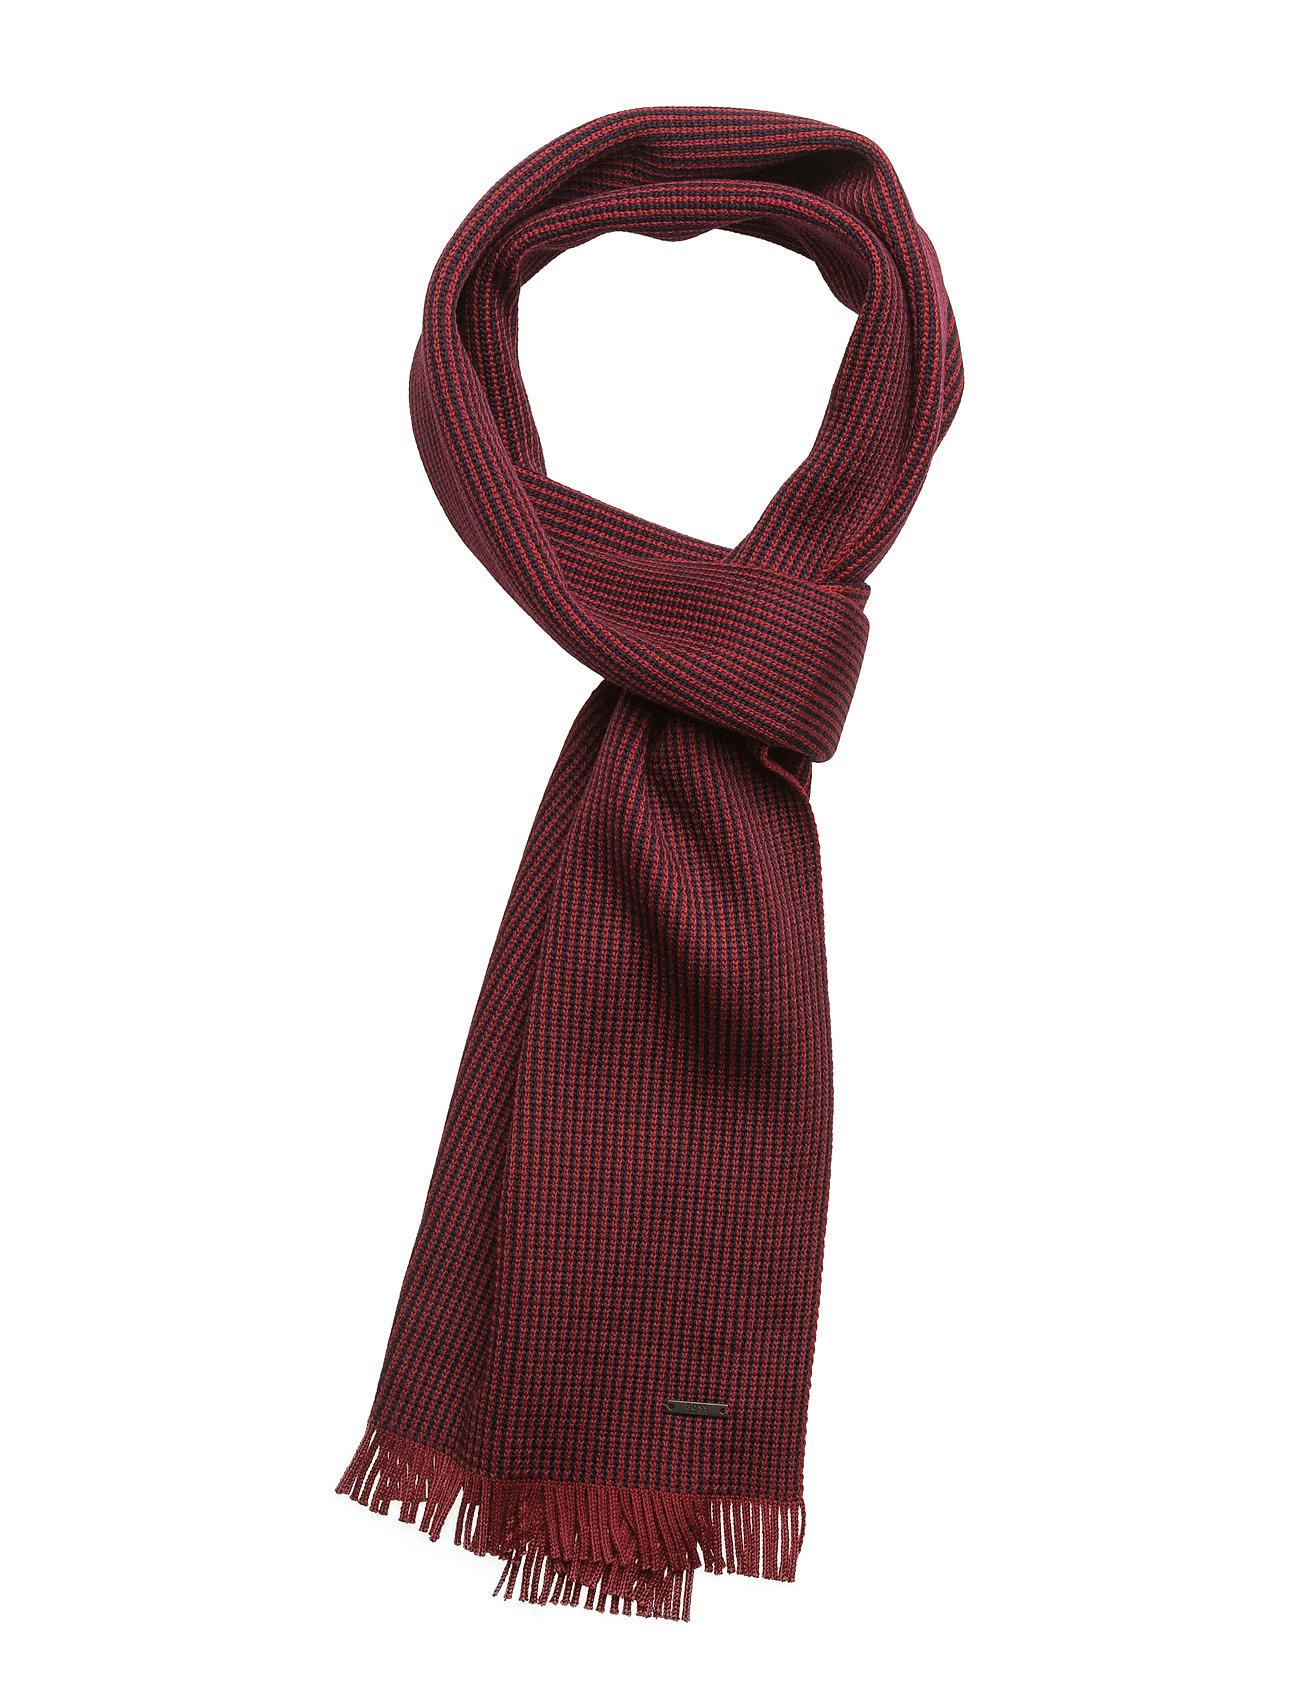 Maroso 01 BOSS Halstørklæder til Herrer i